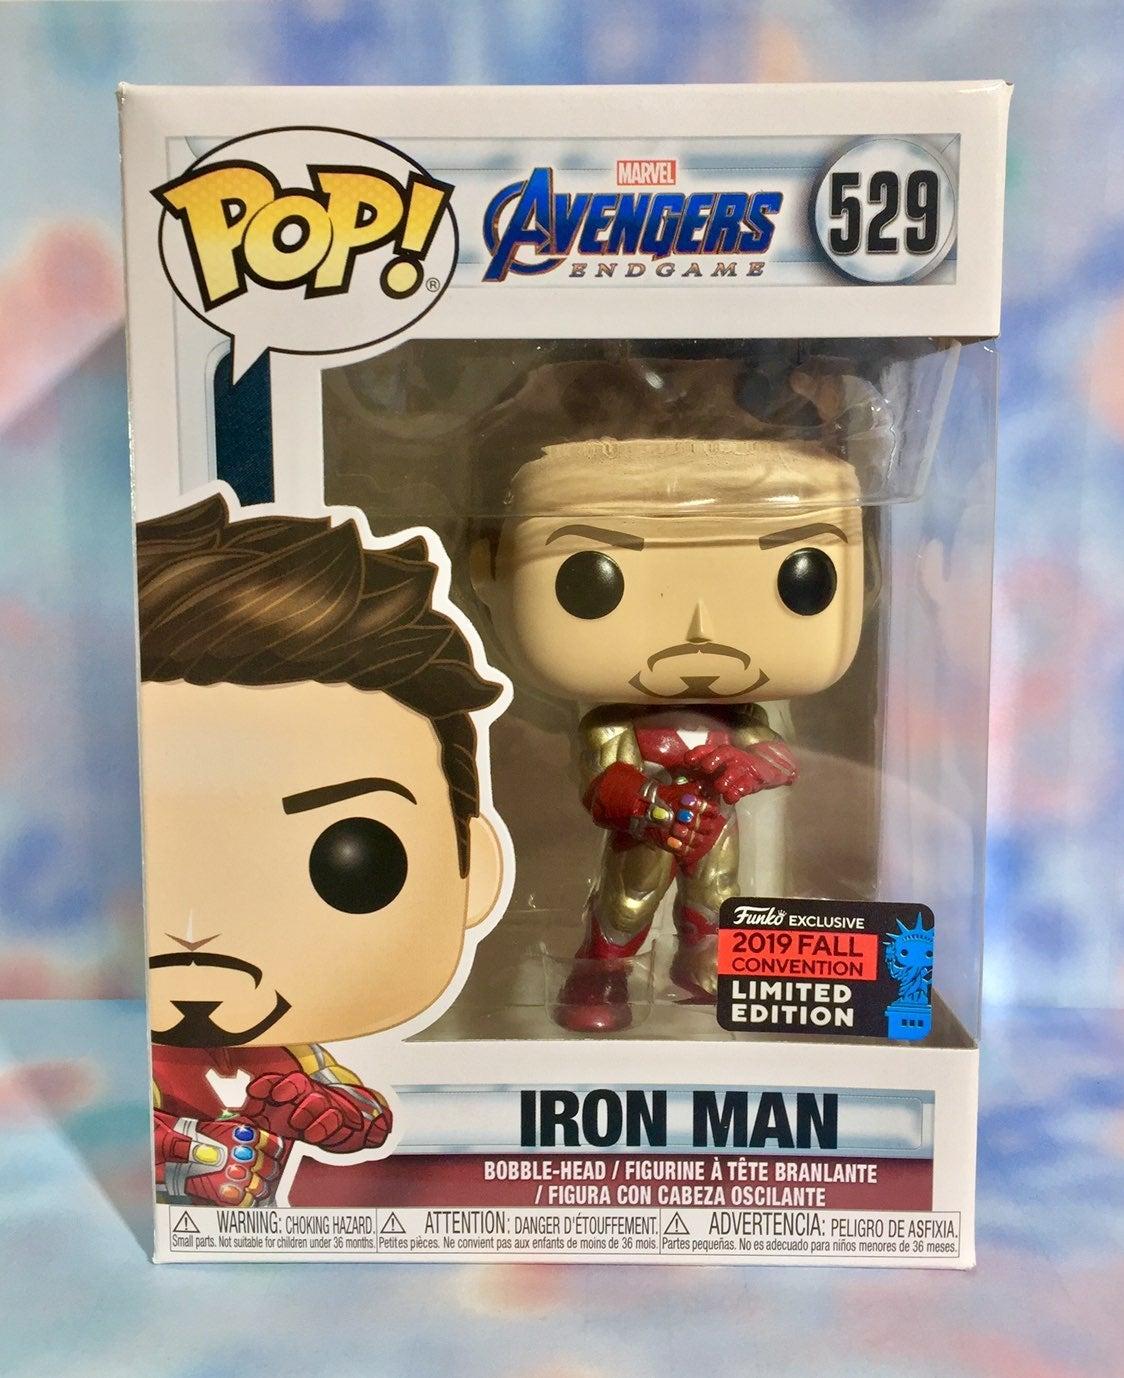 Iron Man Gauntlet Funko Pop Endgame 529